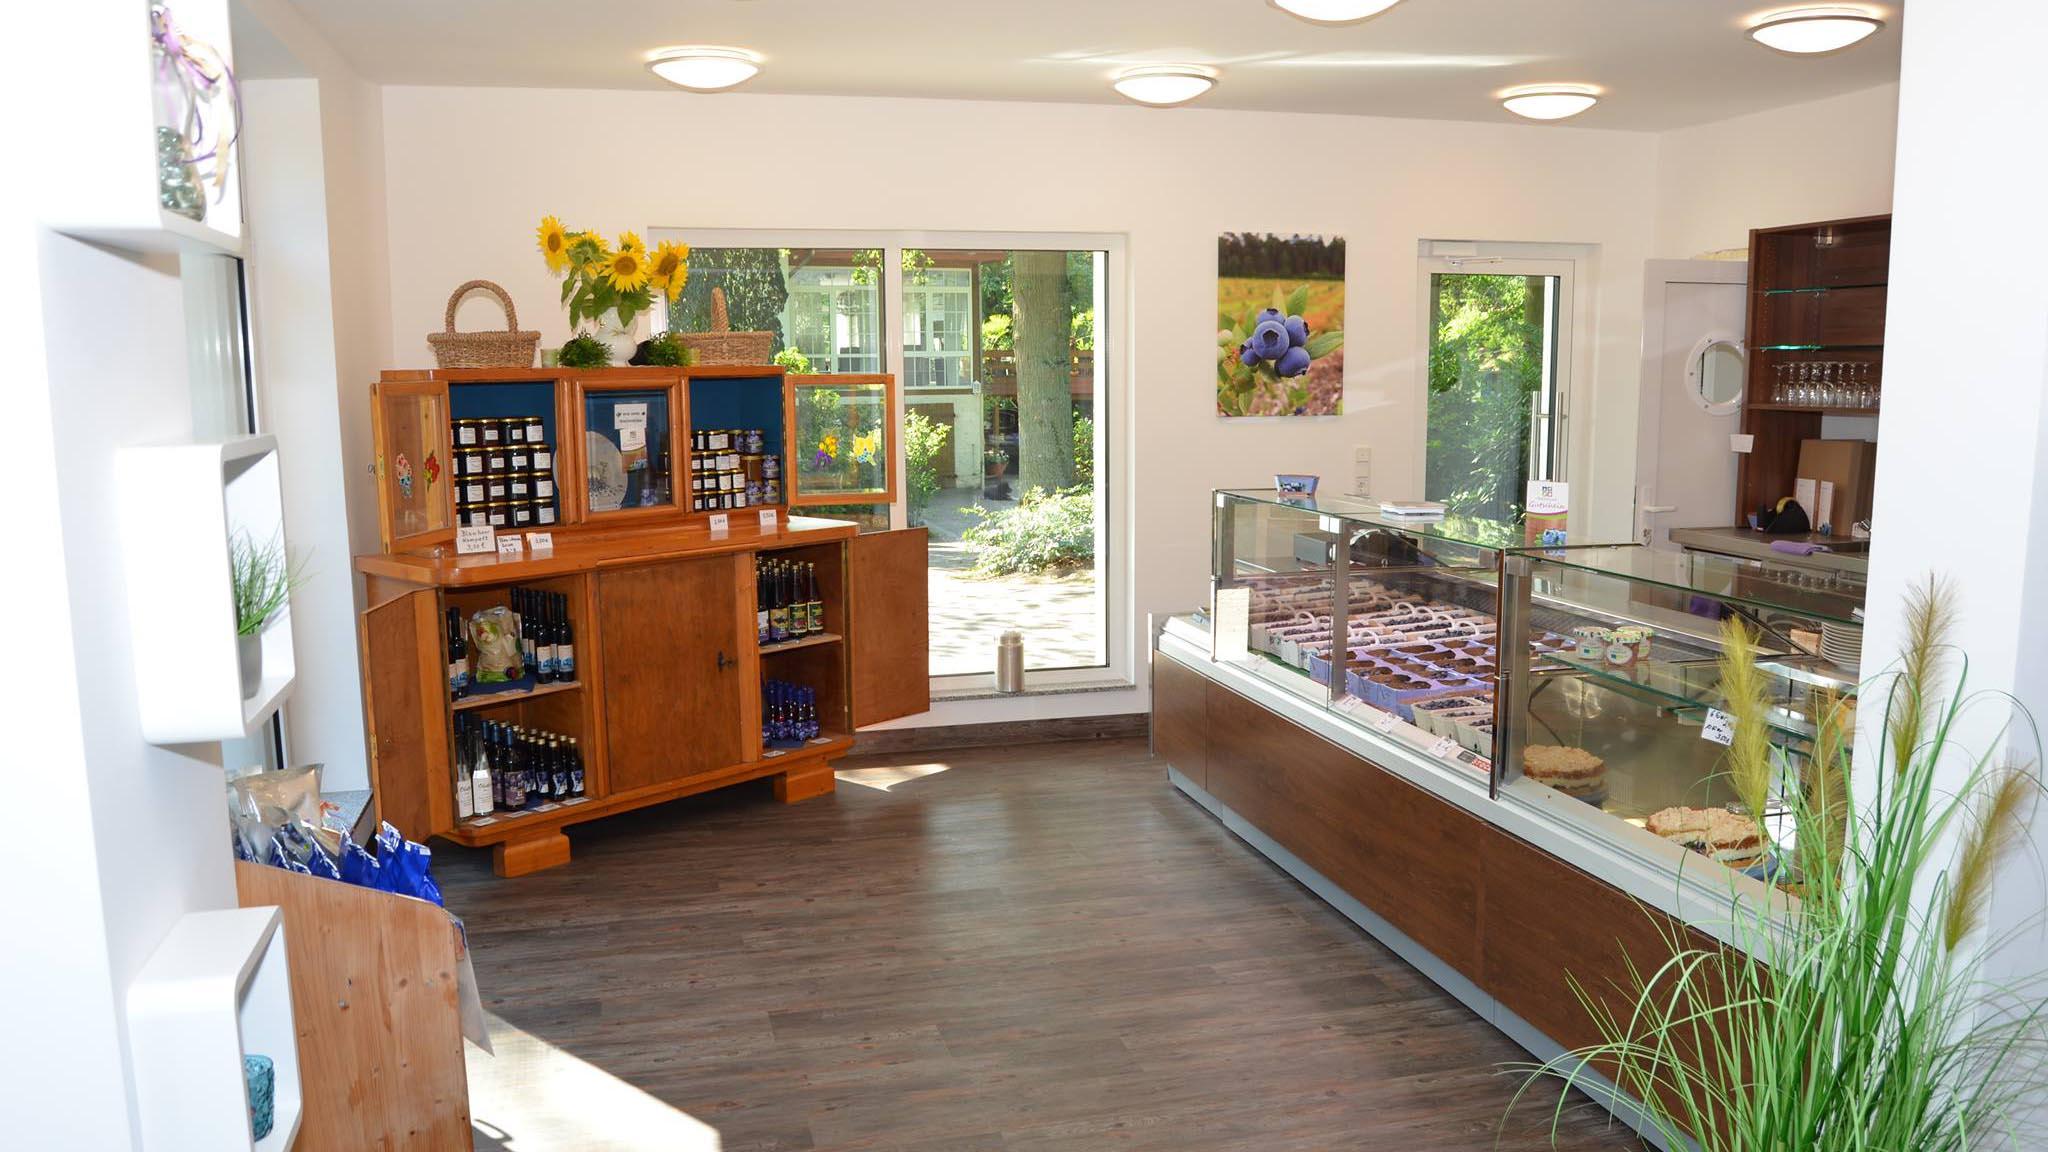 Café Blaubeergarten, Innenansicht